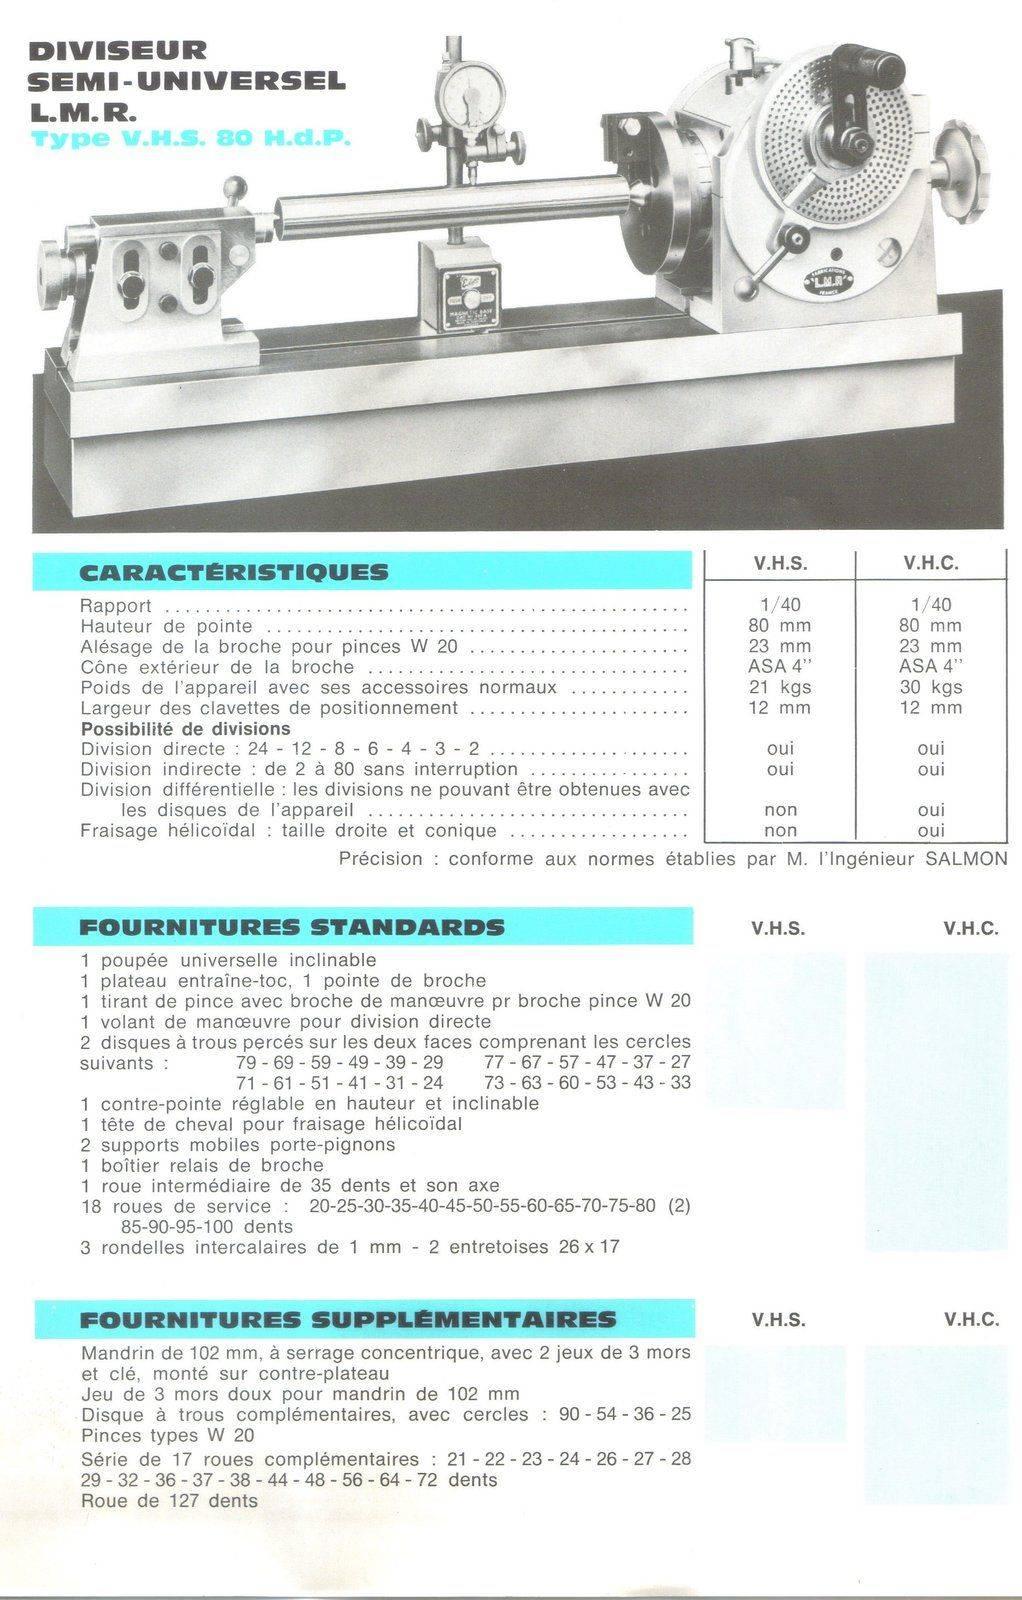 LMR VHC 80 page_2_300.jpg